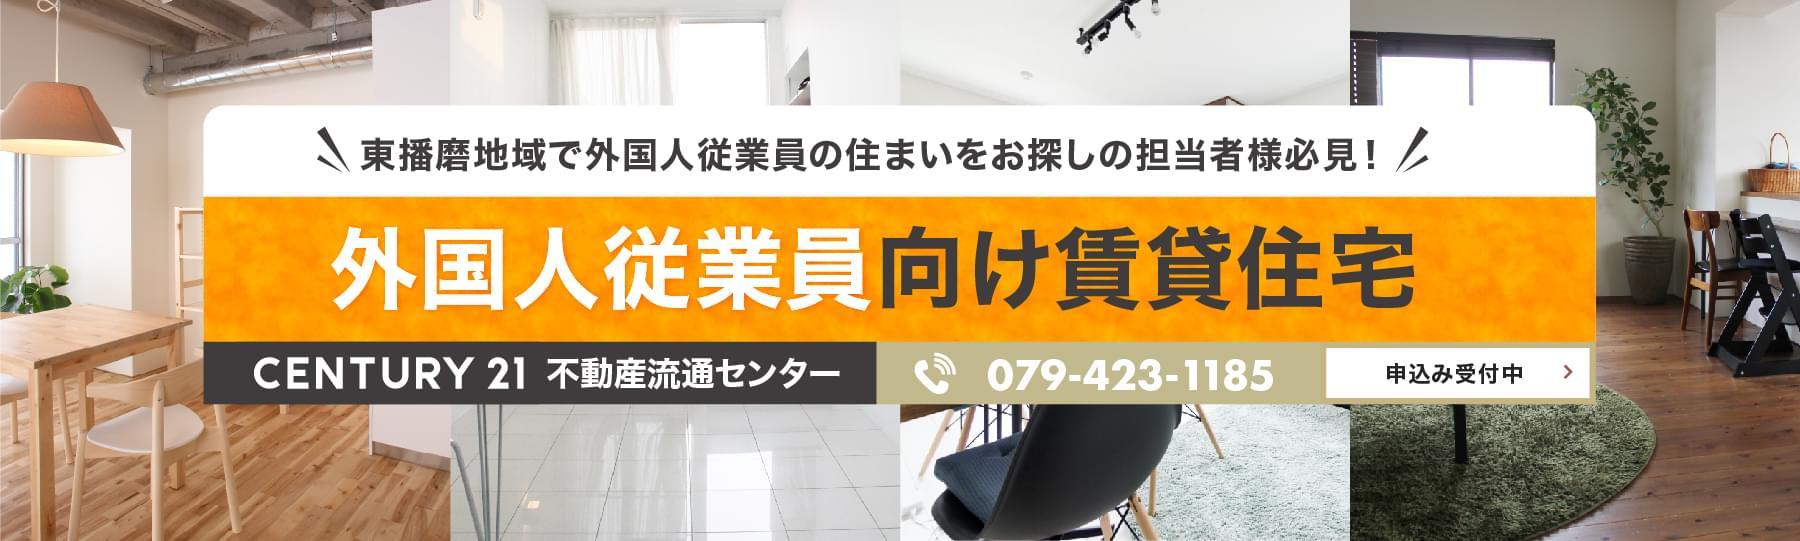 外国人従業員向け賃貸住宅をお探しの担当者様へ